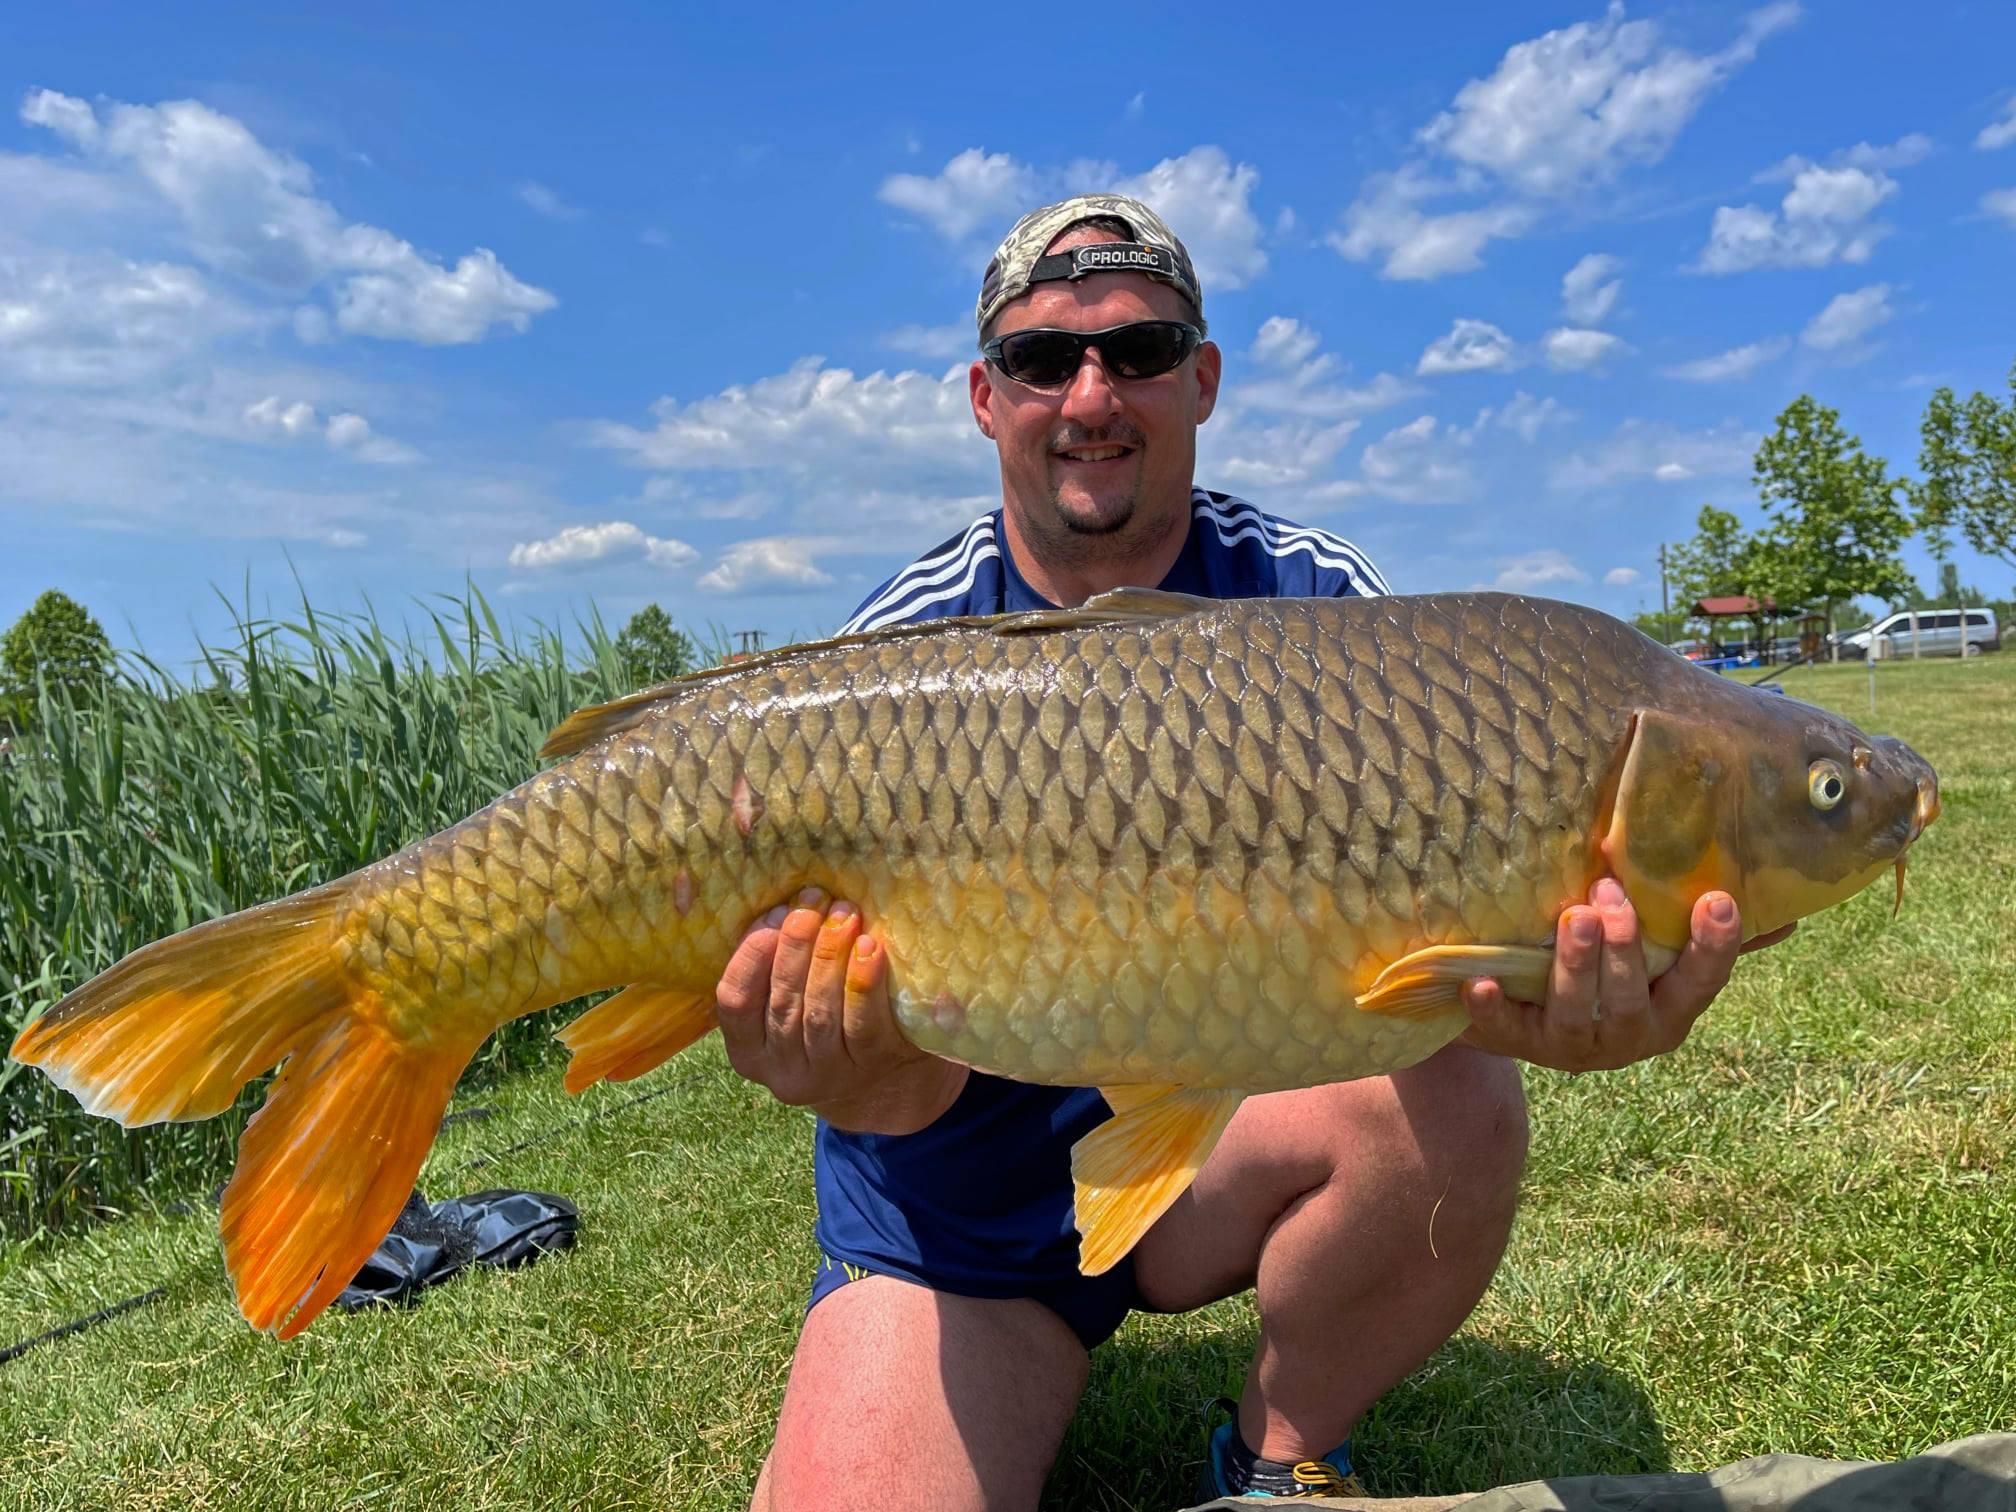 Íme, az Ezüst-tó kincse! Ezt a gyönyörű halat legutóbb 2021. áprilisában, épp a4 évszak Haldorádó Method Feeder Kupa tavaszi fordulójában fogta meg Varga Mónika horgásztársunk, méghozzá 13,44 kg-mal. A ritka szép koi ponty mostanra már gyarapodva aranyozhatja be valaki napját!